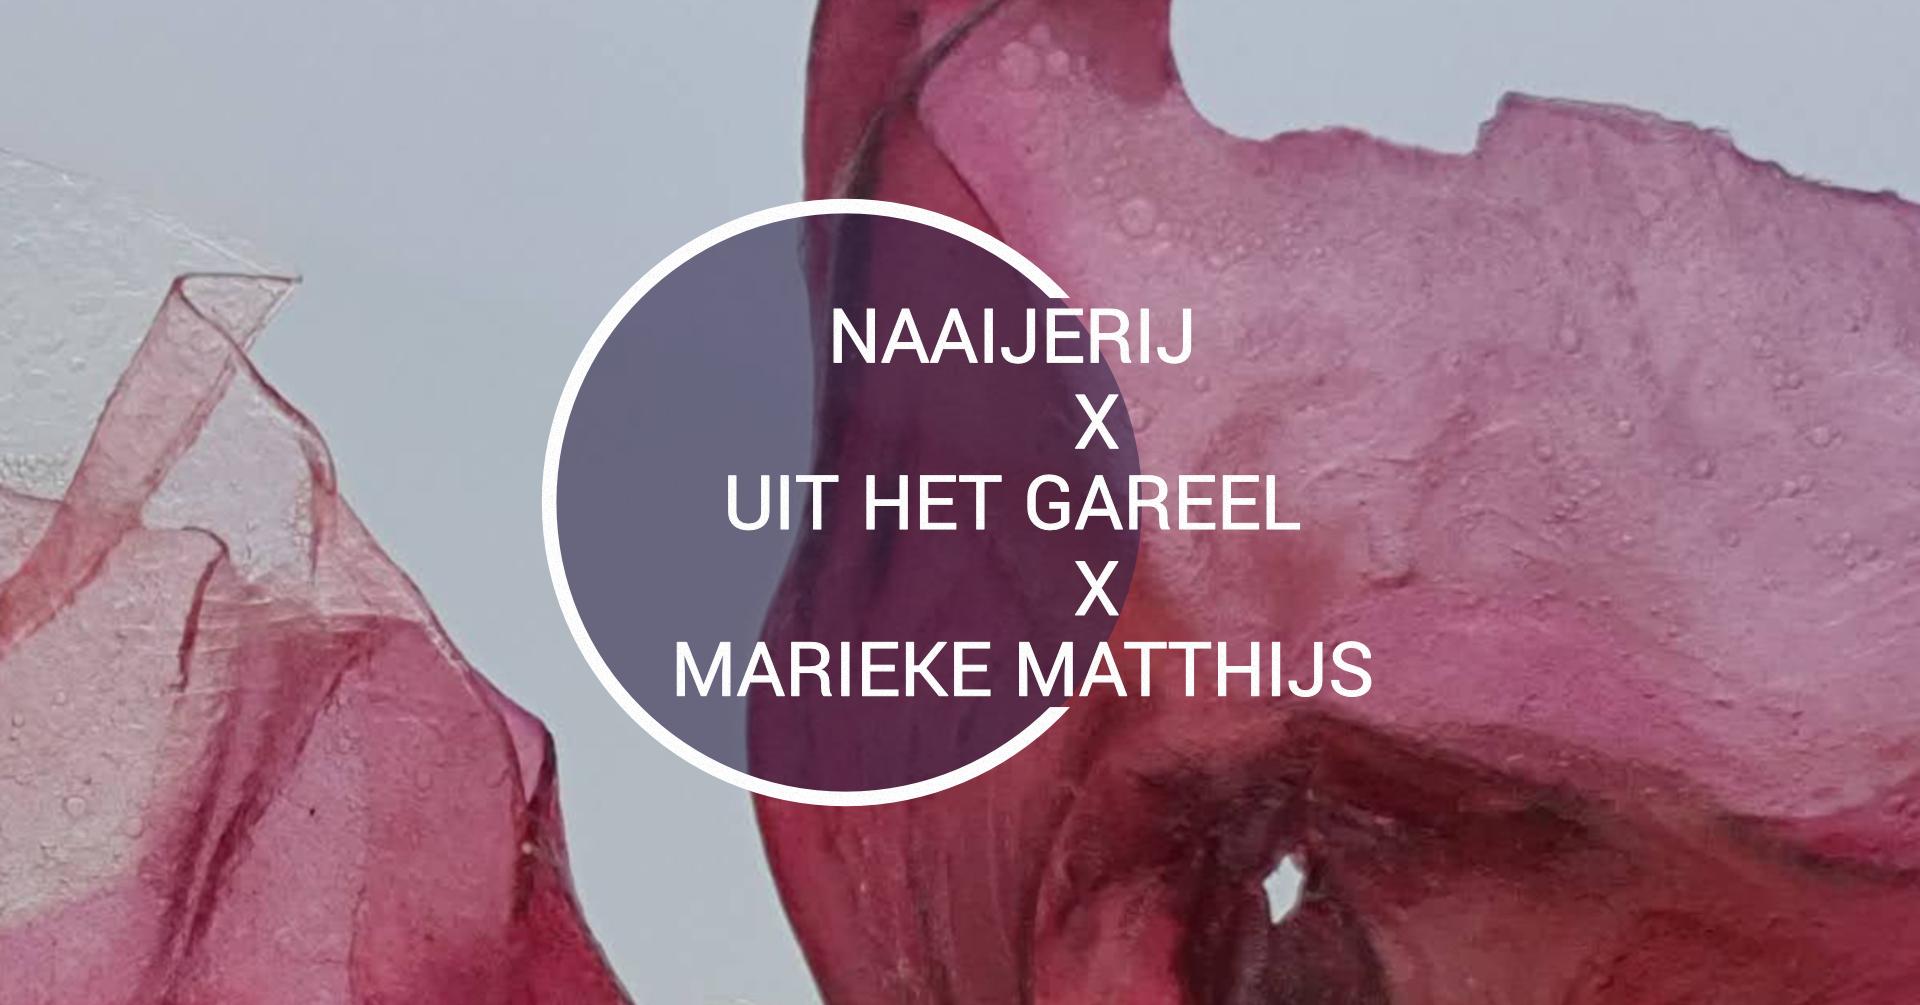 Marieke Matthijs X Uit Het Gareel X Naaierij